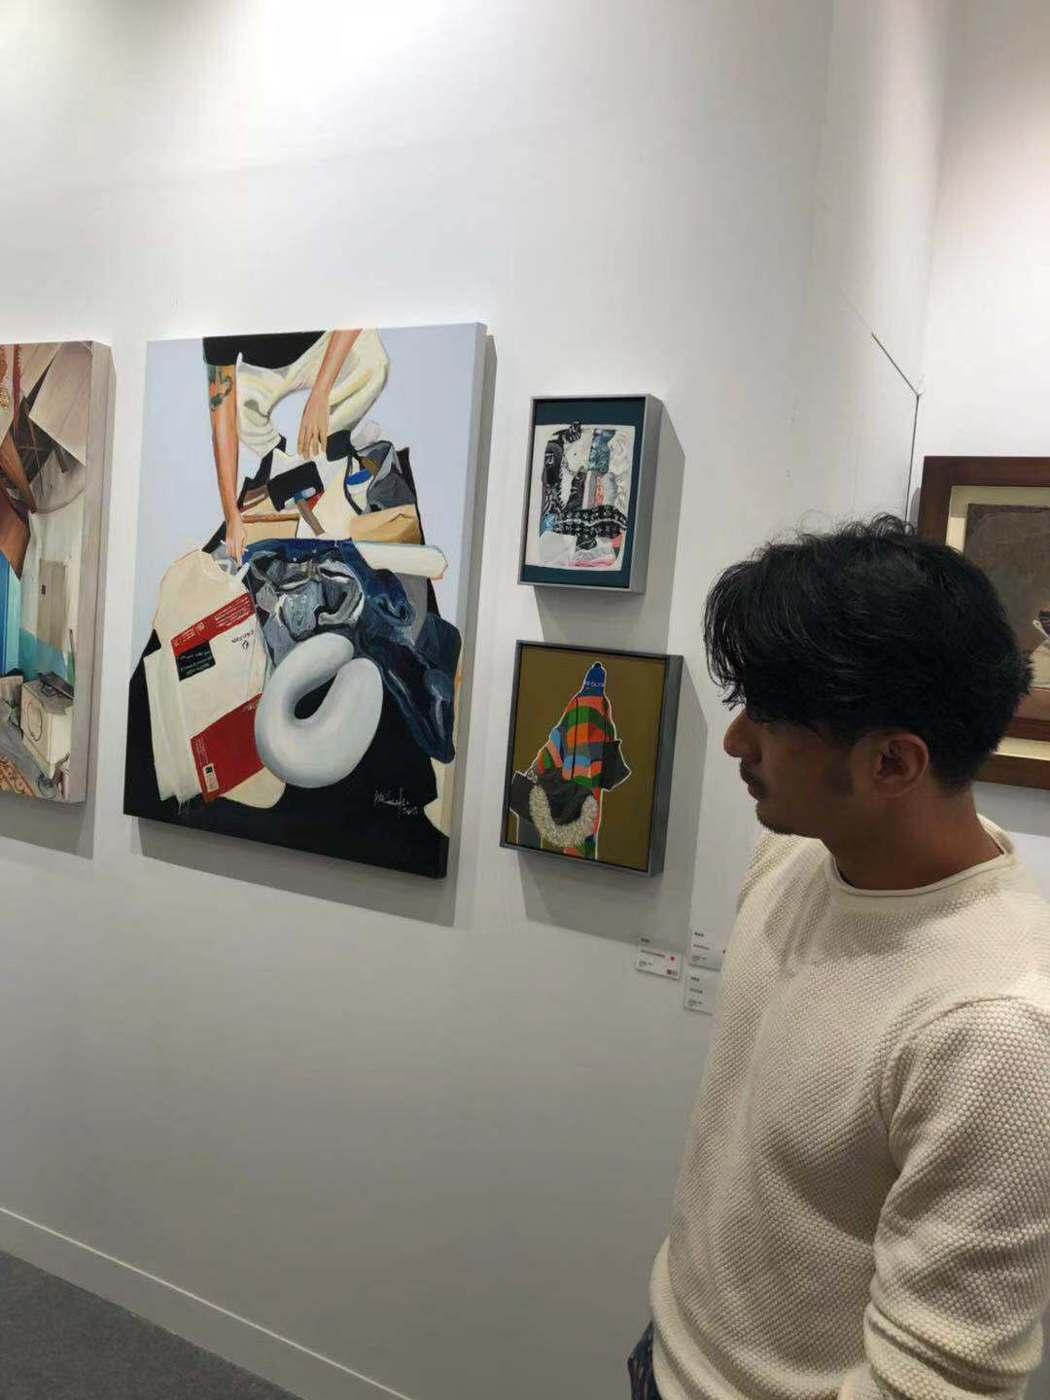 張睿家拍側拍郭彥甫畫展。圖/周子娛樂提供